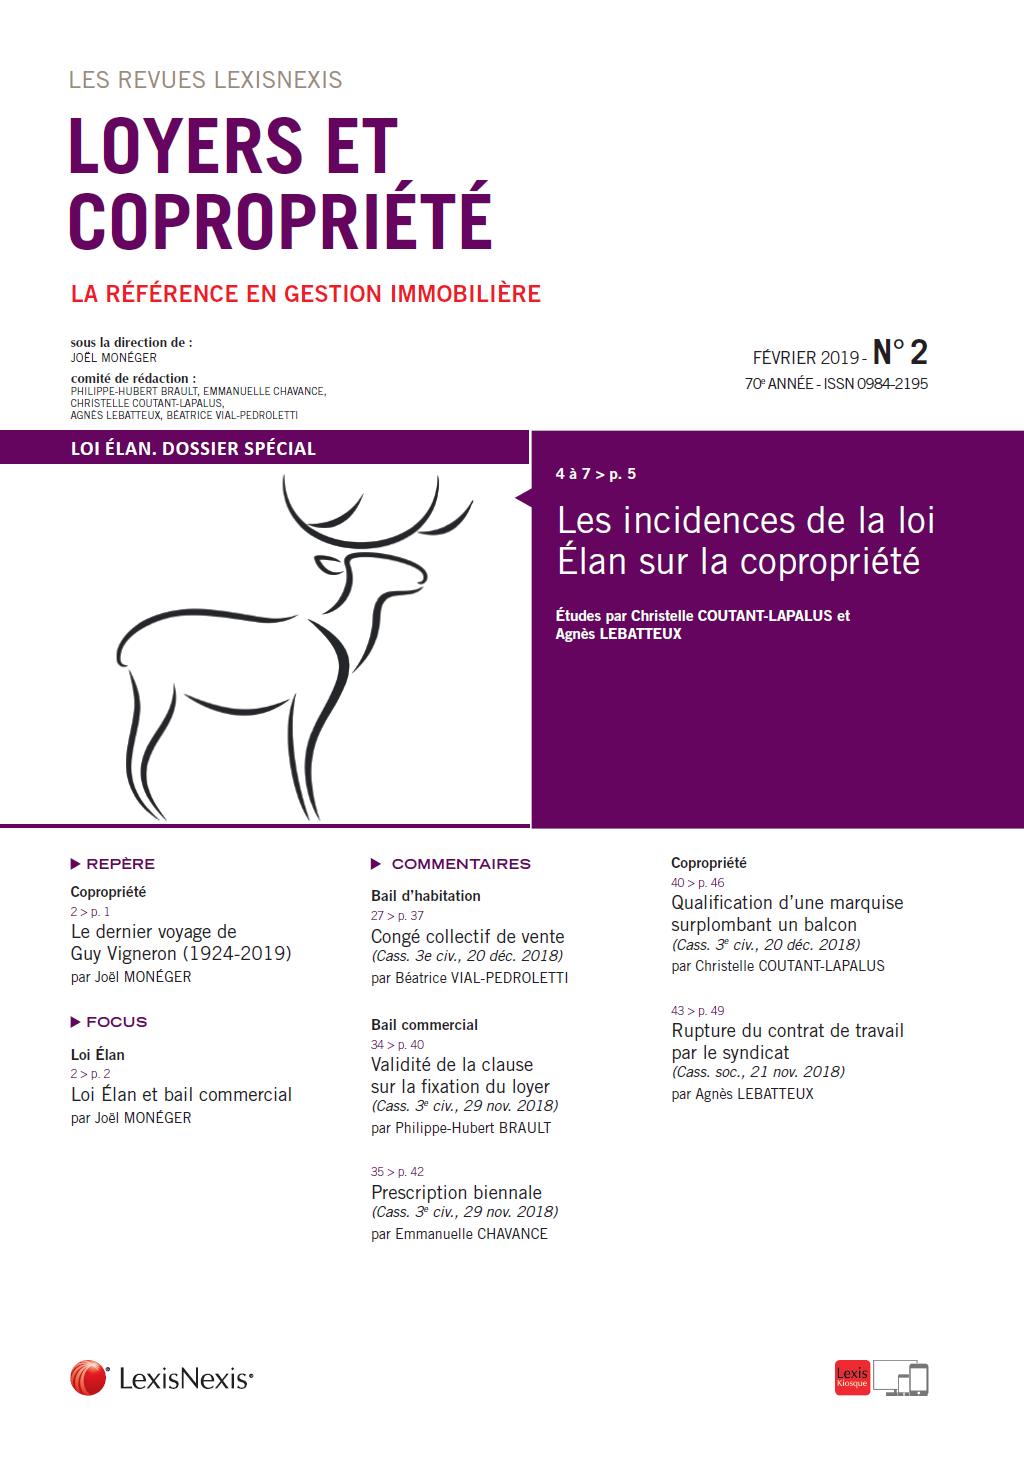 Boutique Lexisnexis Et Copropriété Revue Loyers 7bfyvY6g